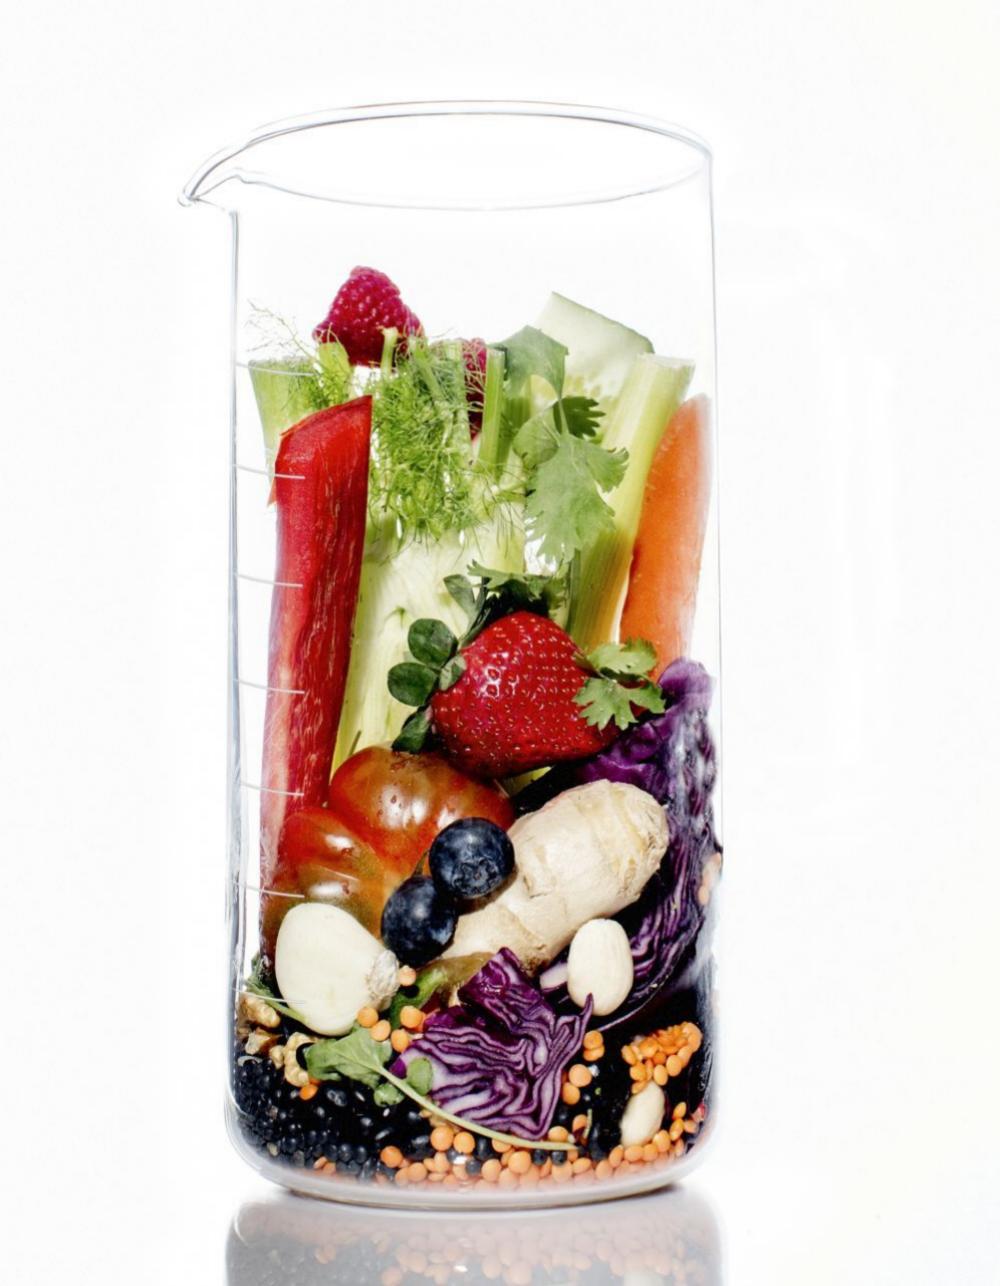 Los vegetales con color son ricos en antioxidantes que combaten el envejecimiento.